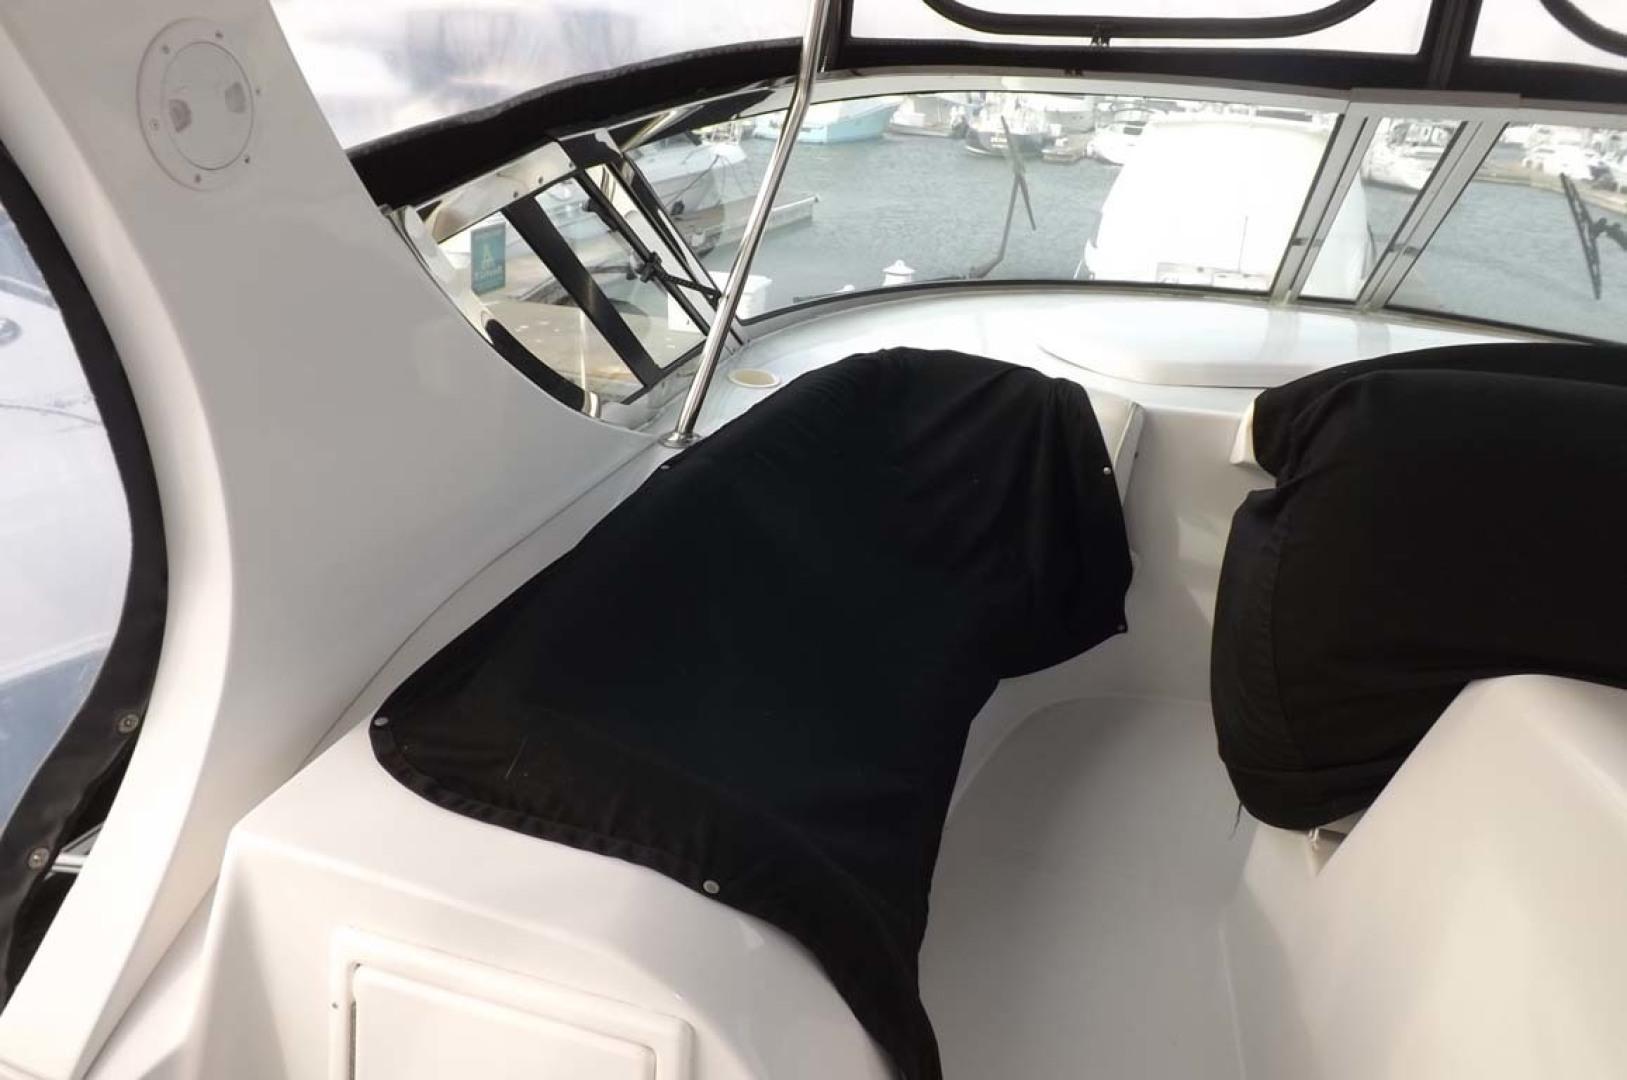 Bluewater Yachts-5200 2006 -Mount Pleasant-South Carolina-United States-Flybridge-1412963 | Thumbnail